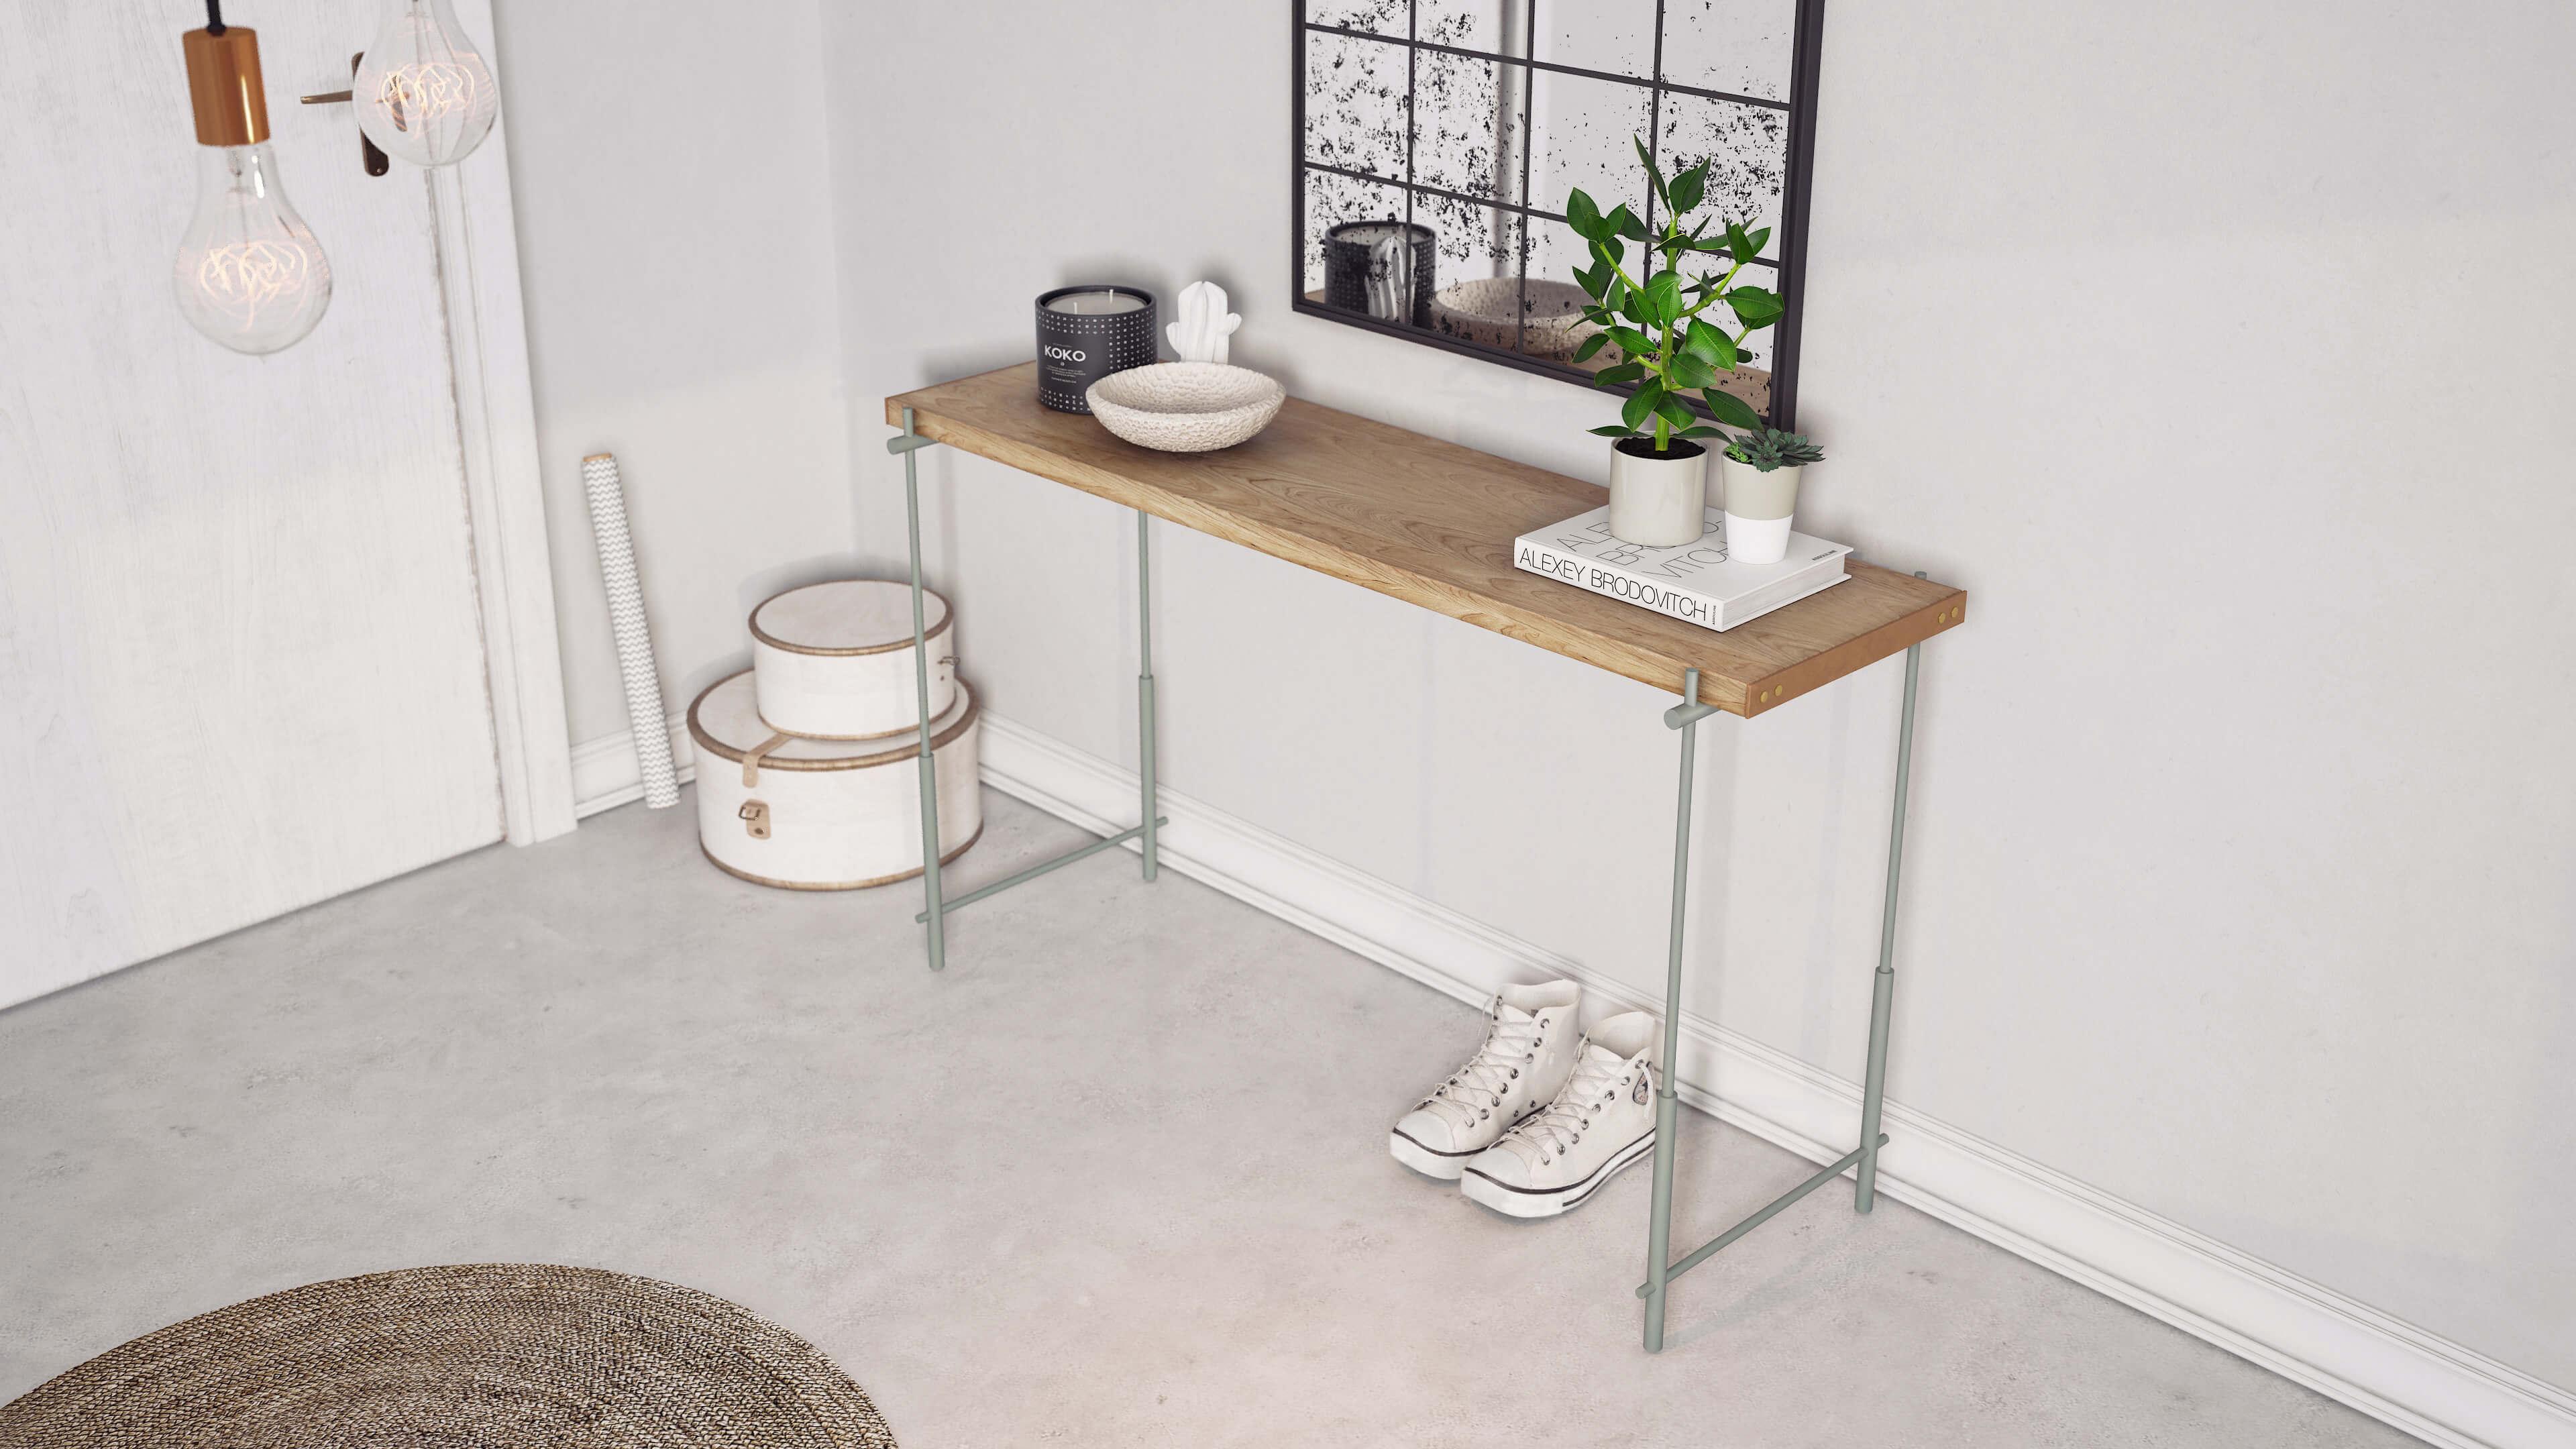 furniture-renderings-8